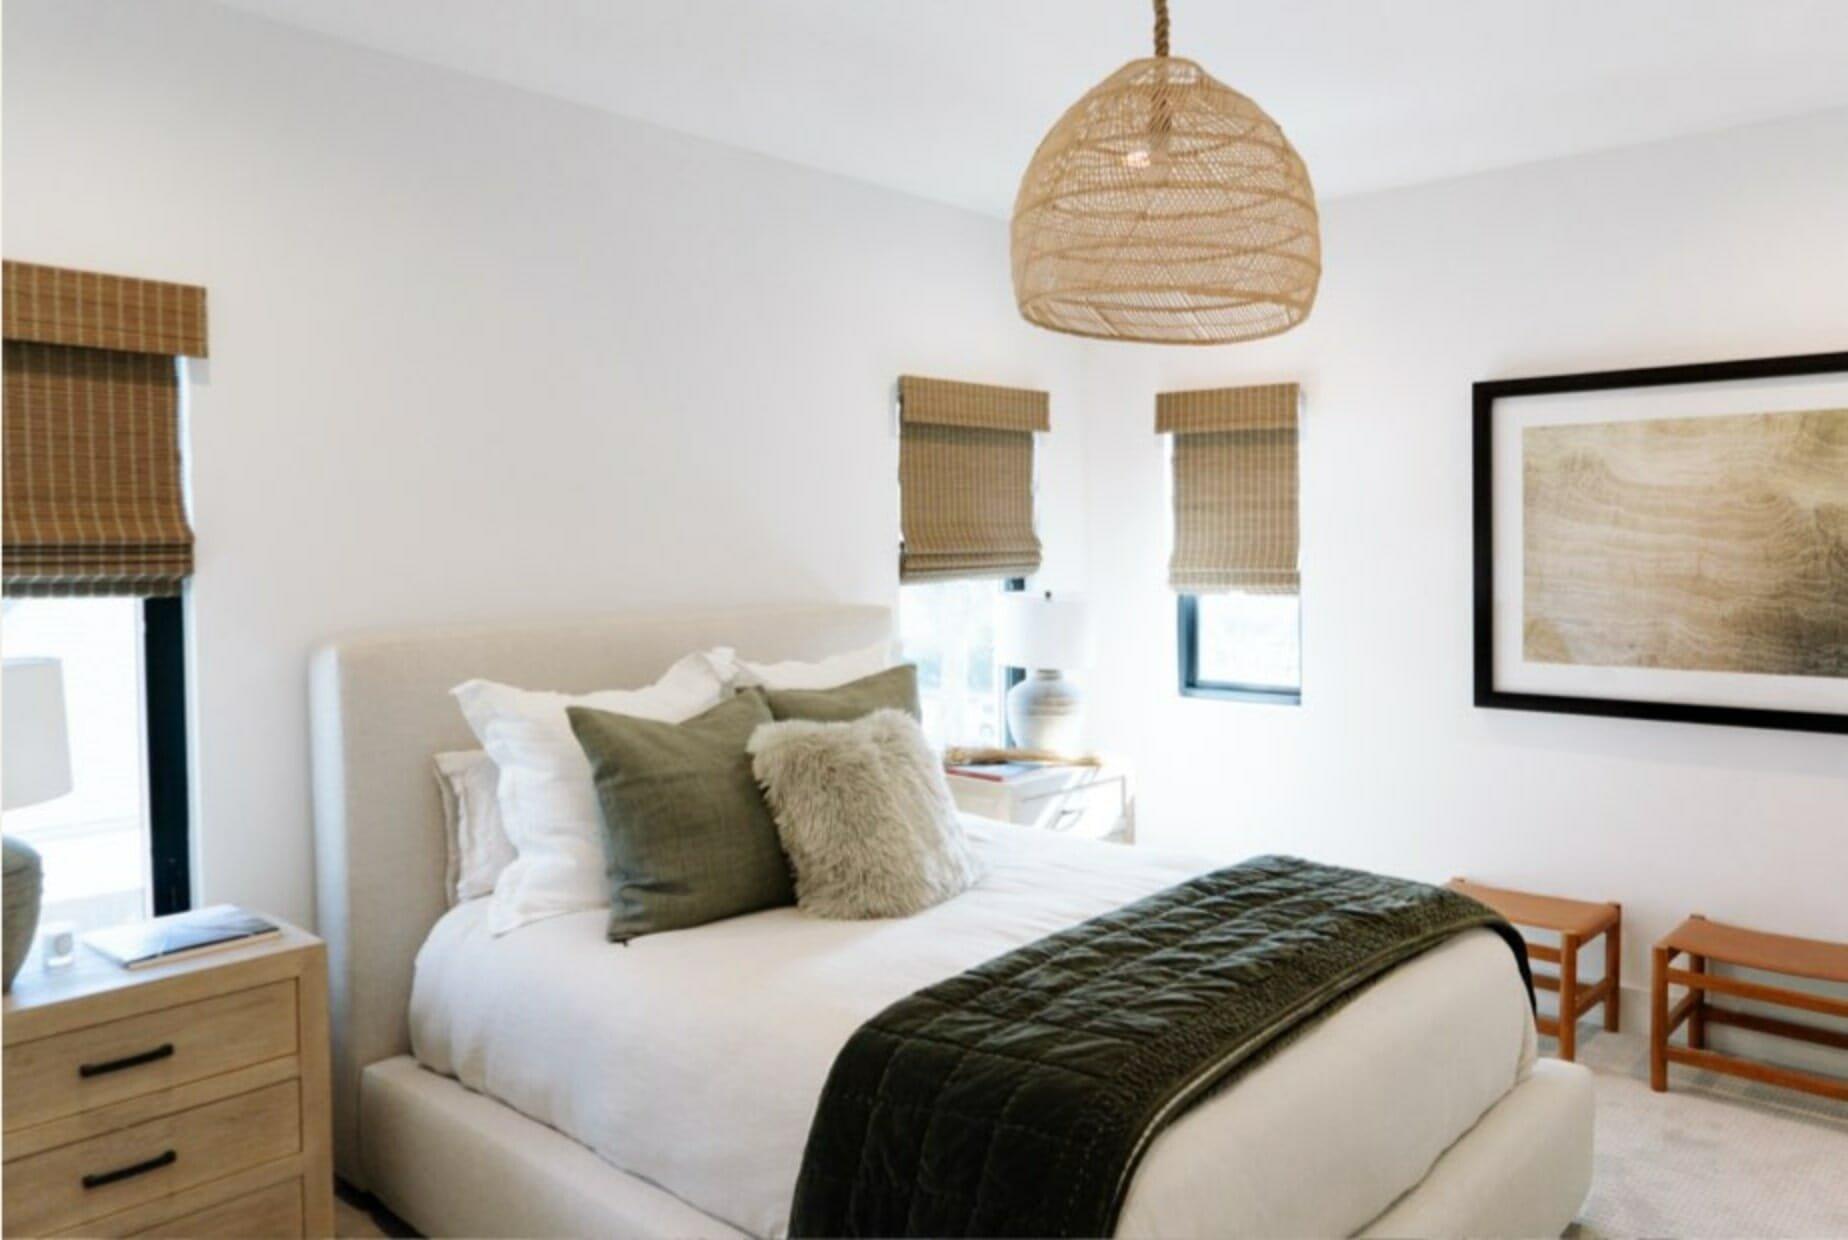 Pottery Barn Room Designing Online Bedroom Result